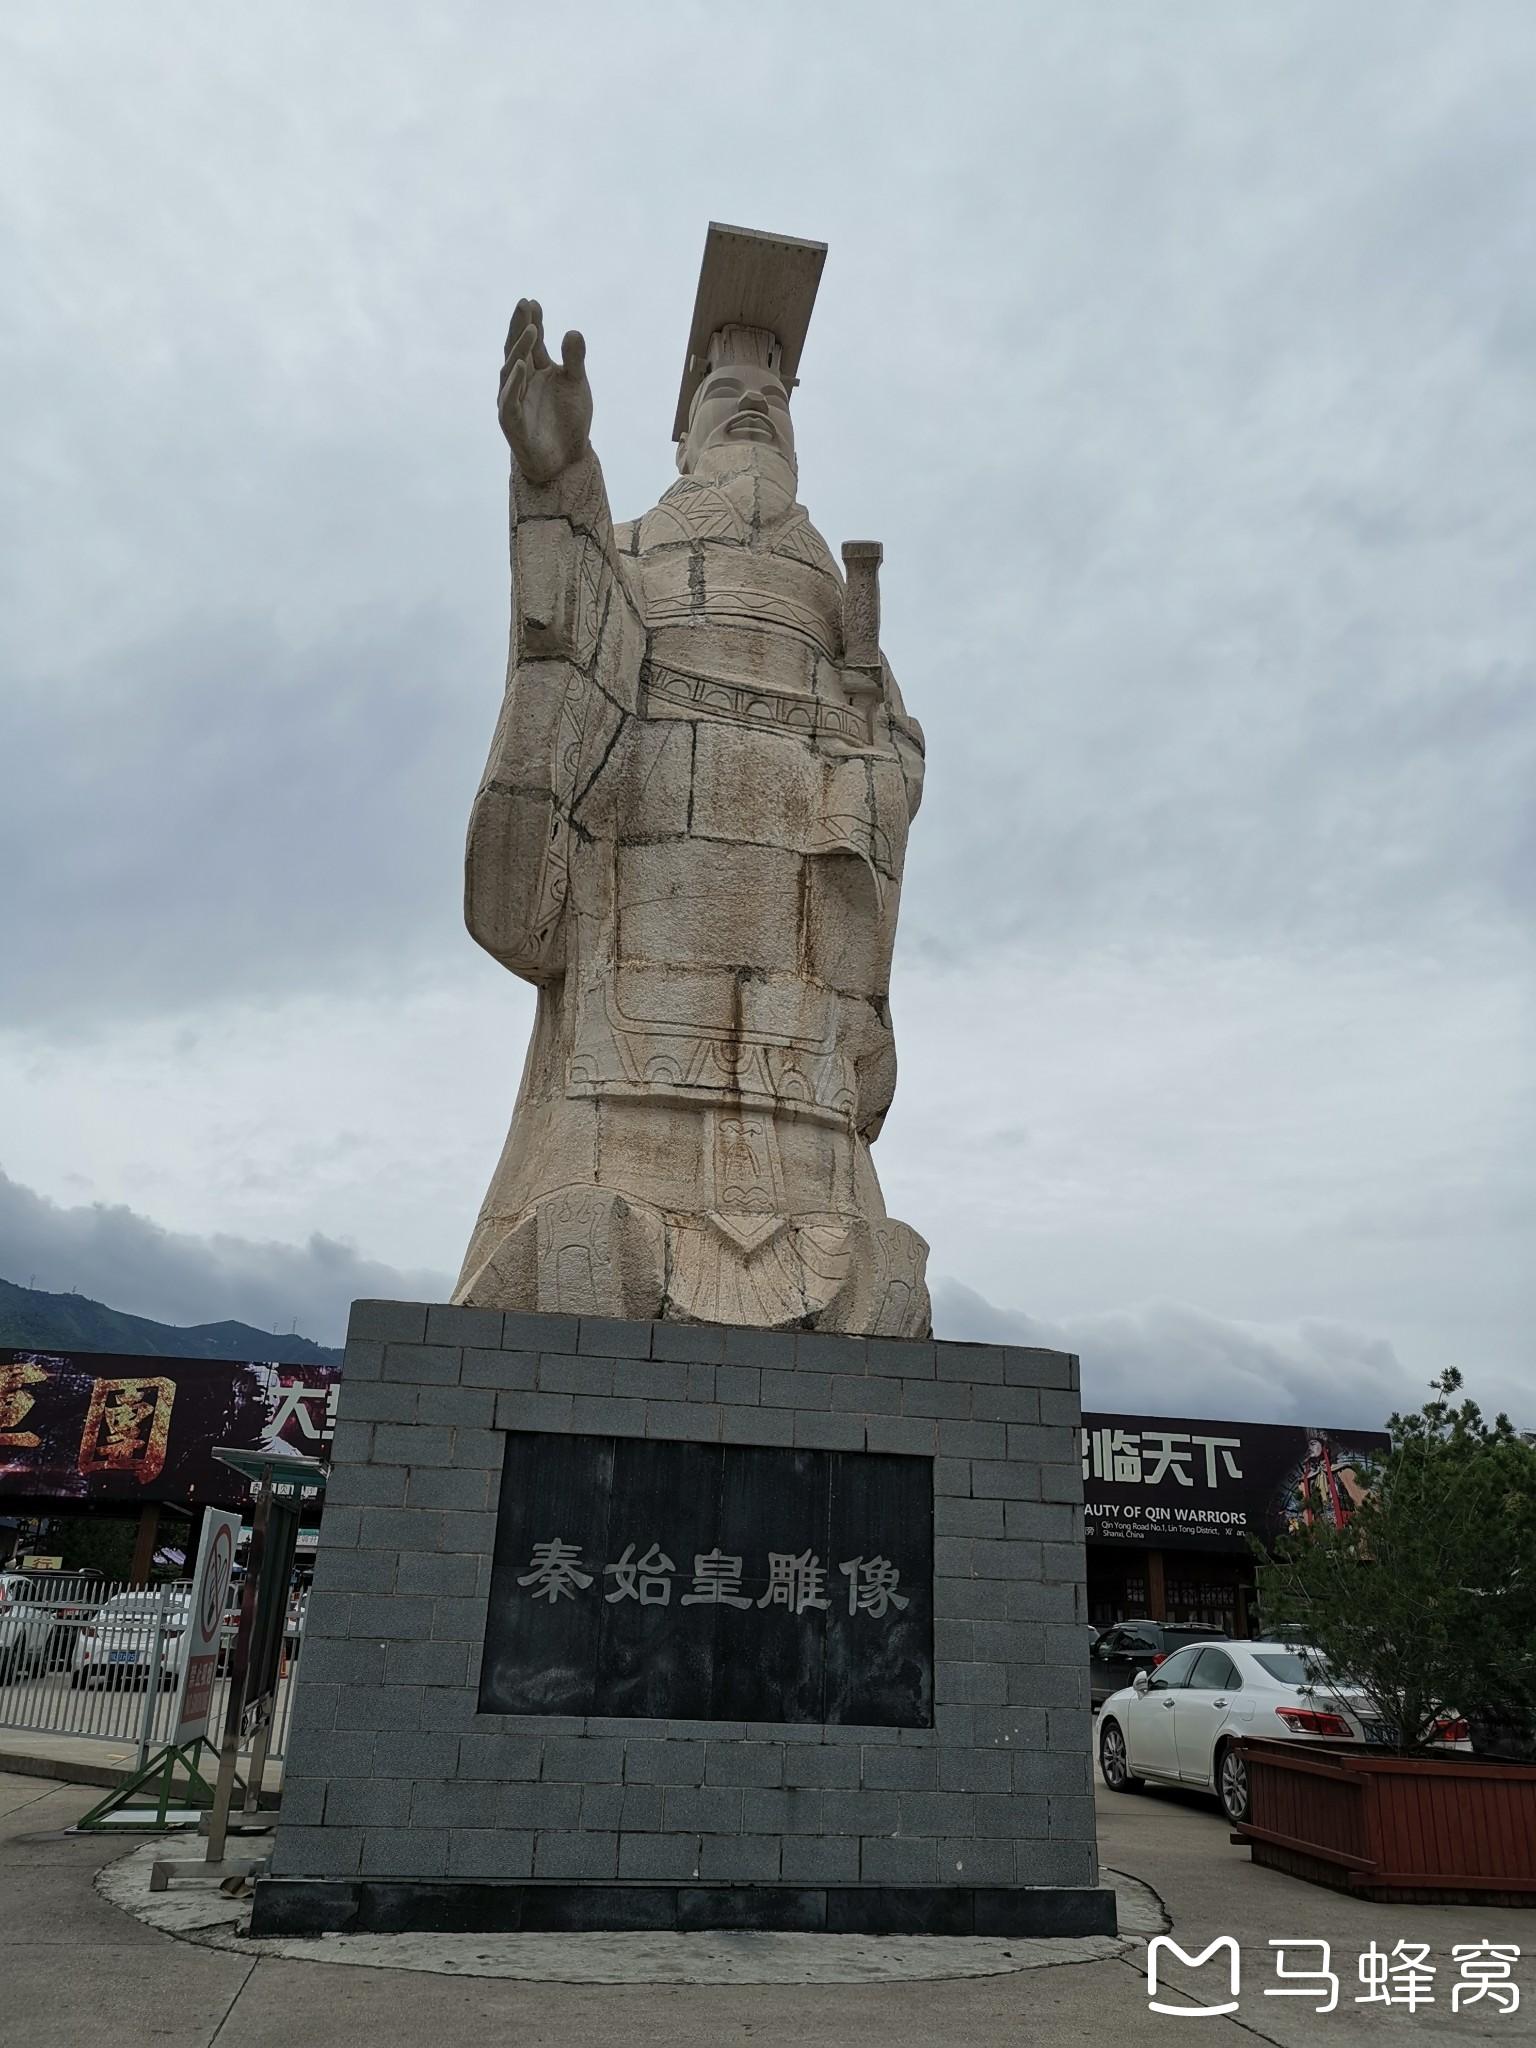 西安旅行滚球bet365yazhou_足球滚球365_365滚球手机客户